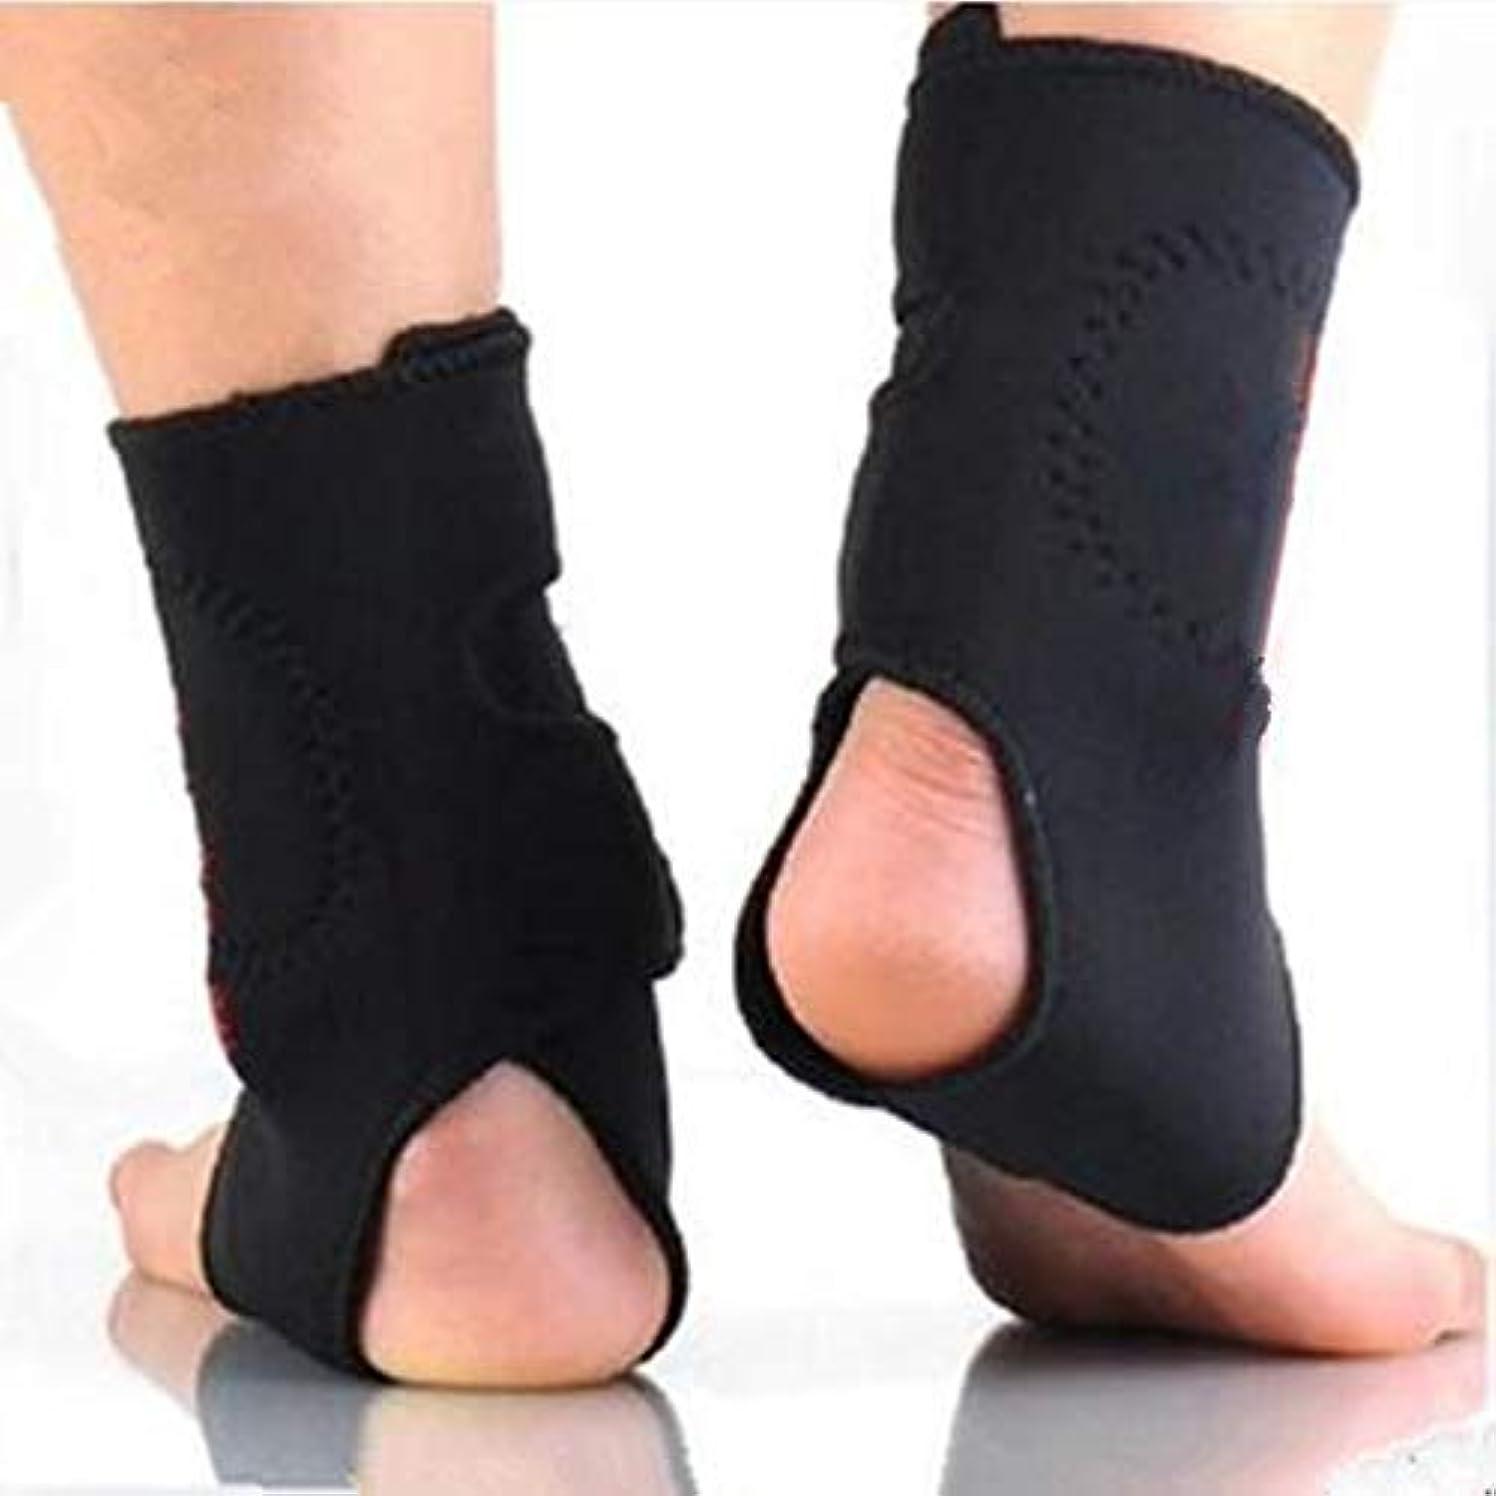 キノコ非武装化ましい2 ピース 自己発熱 トルマリン 遠赤外線磁気治療足首のサポートブレースマッサージャー 痛みリリーフ